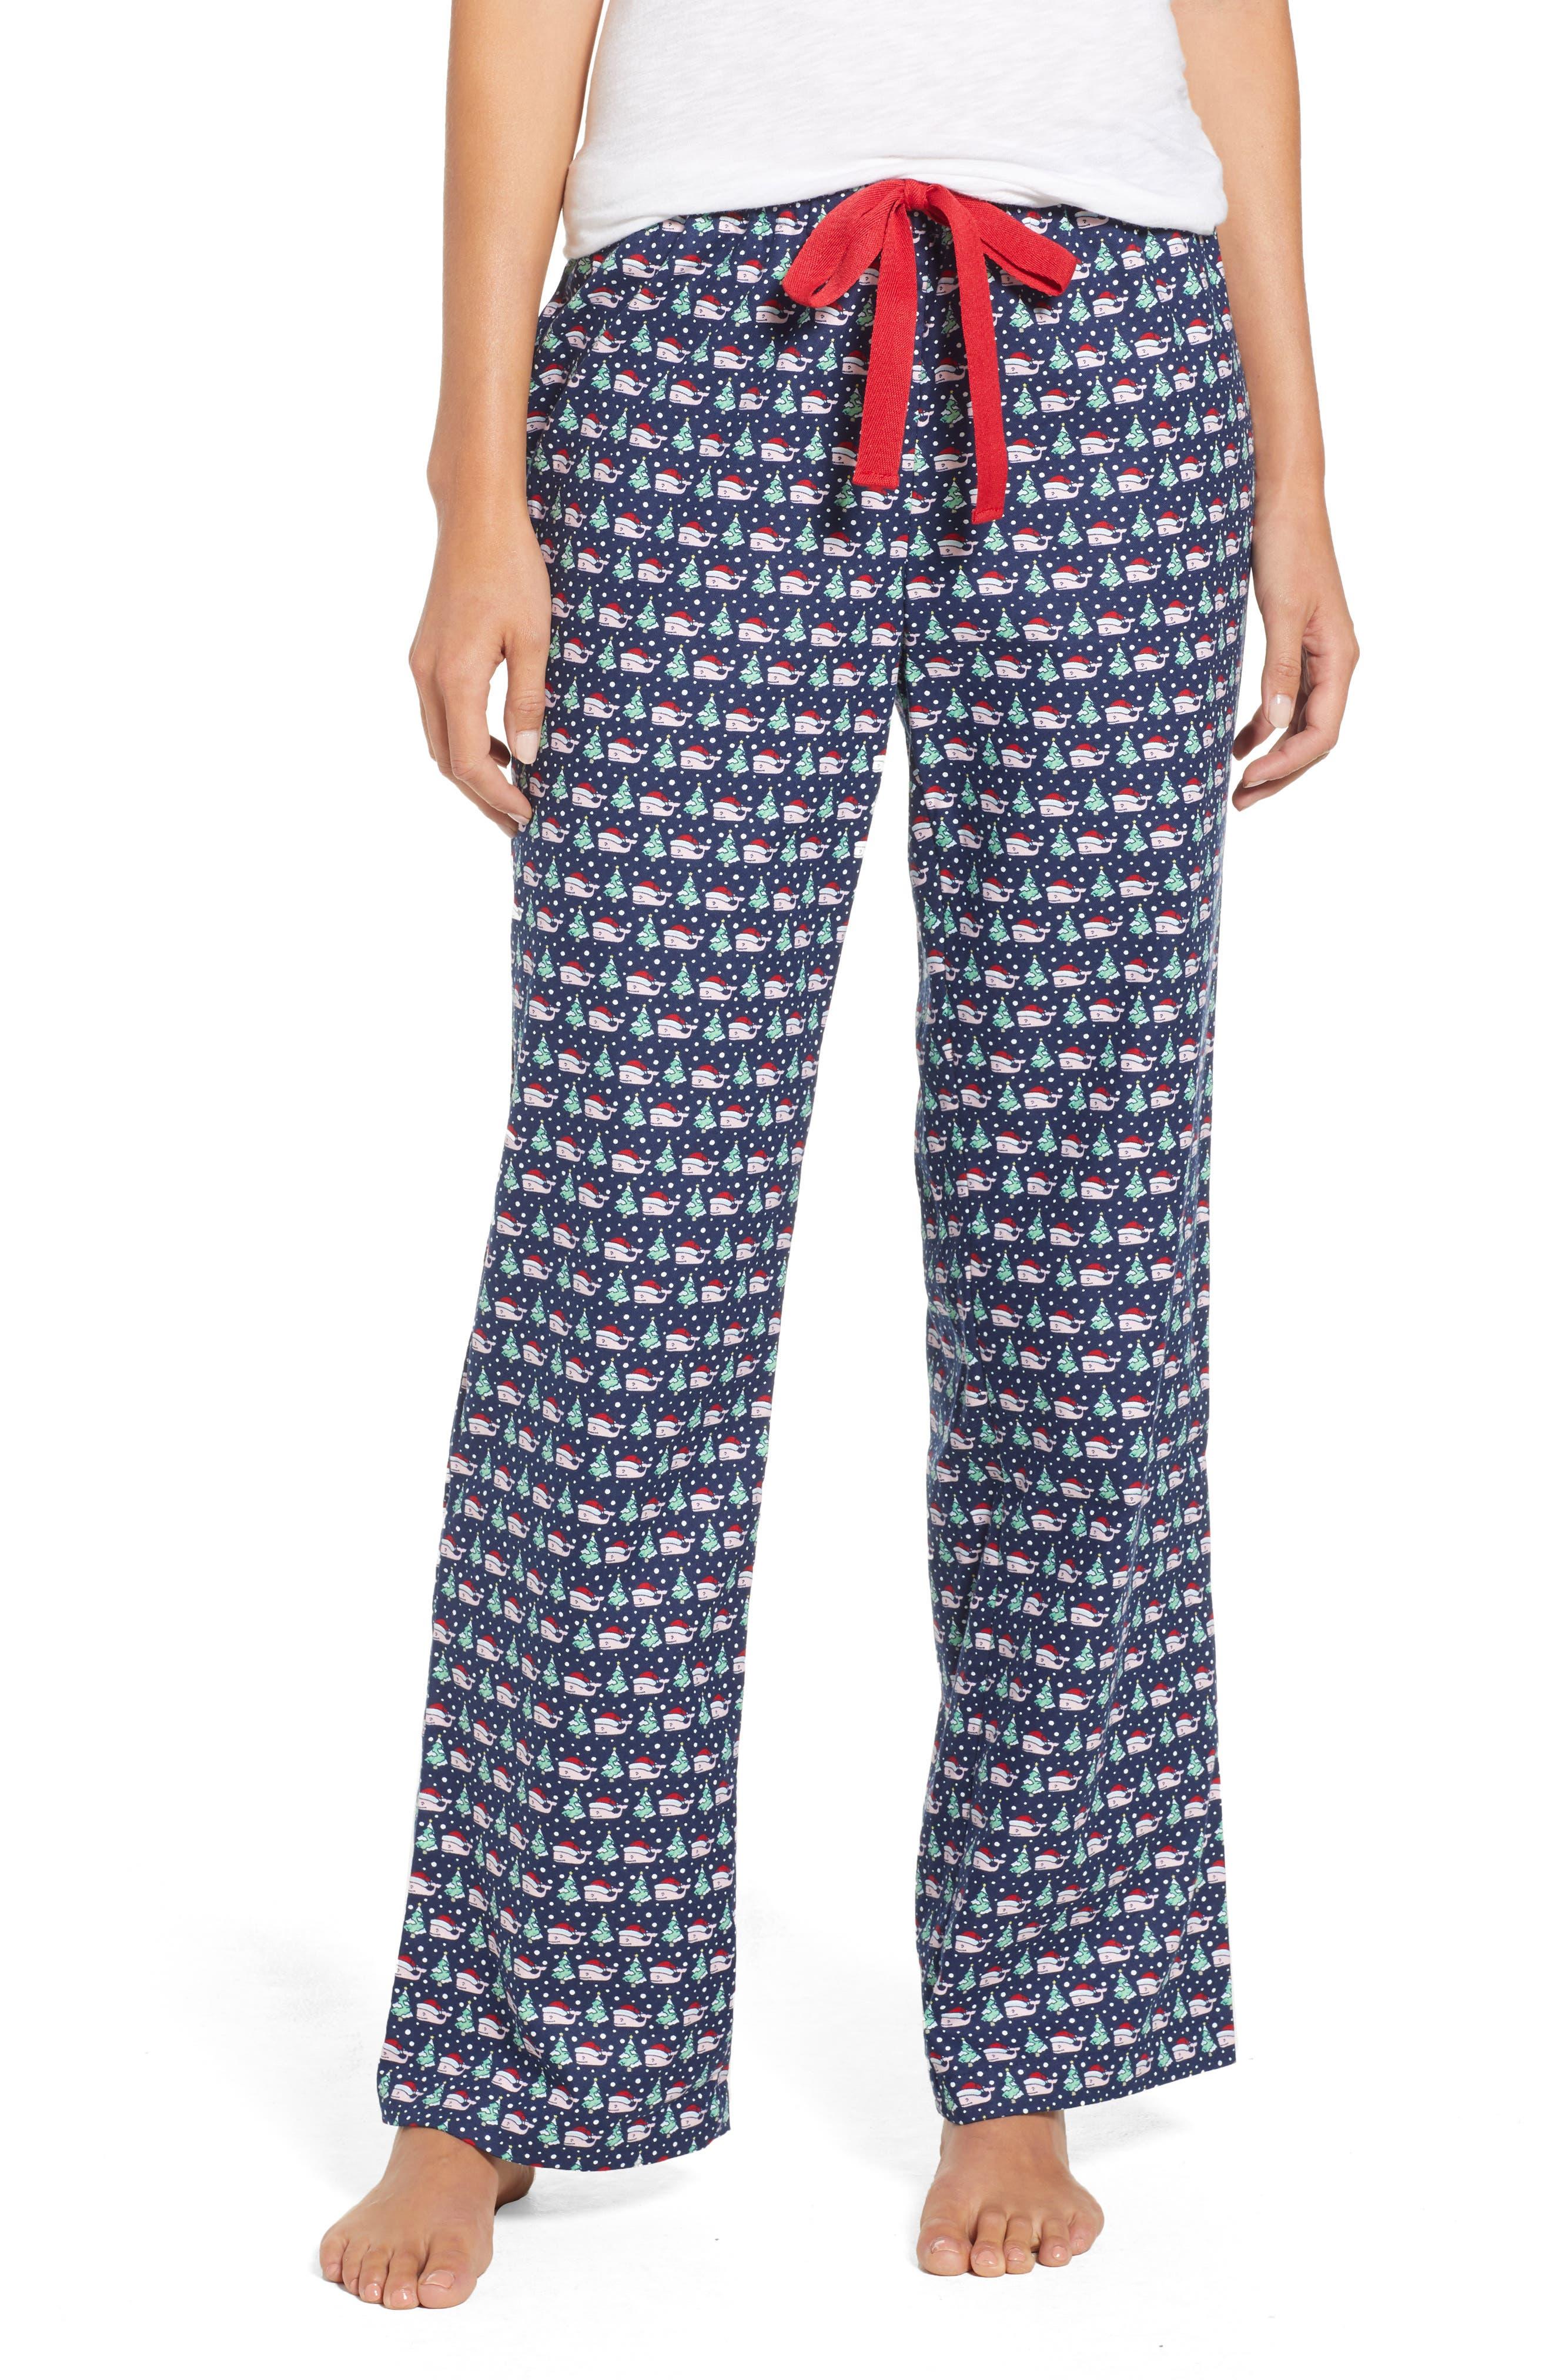 Santa Whale Lounge Pants,                             Main thumbnail 1, color,                             DEEP BAY